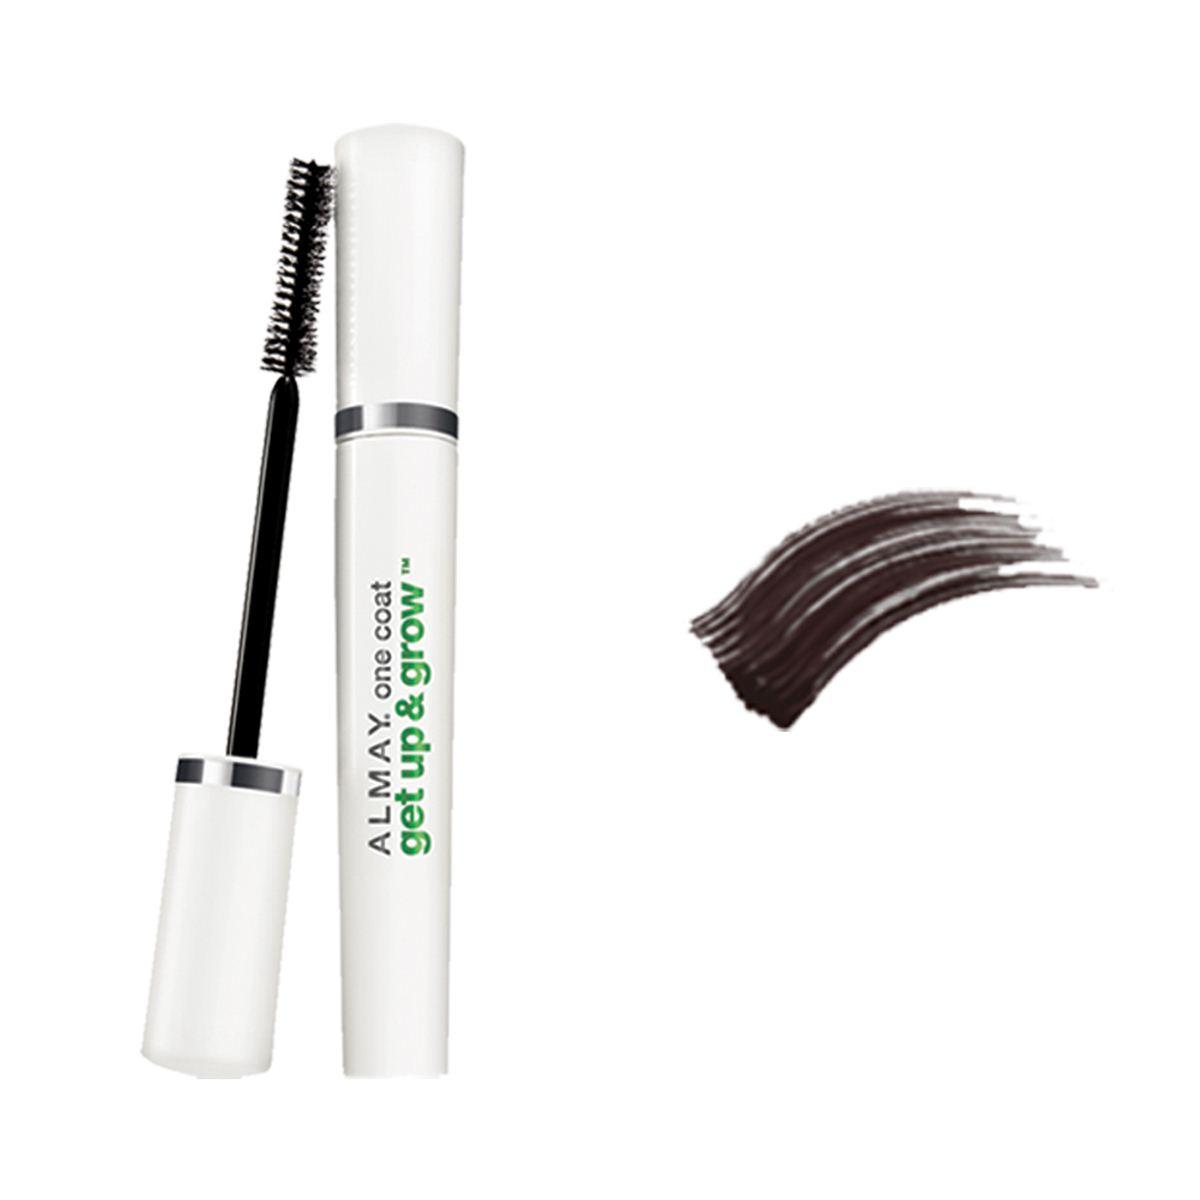 Loại mascara này thực sự giúp lông mi cong và dài hơn nhiều